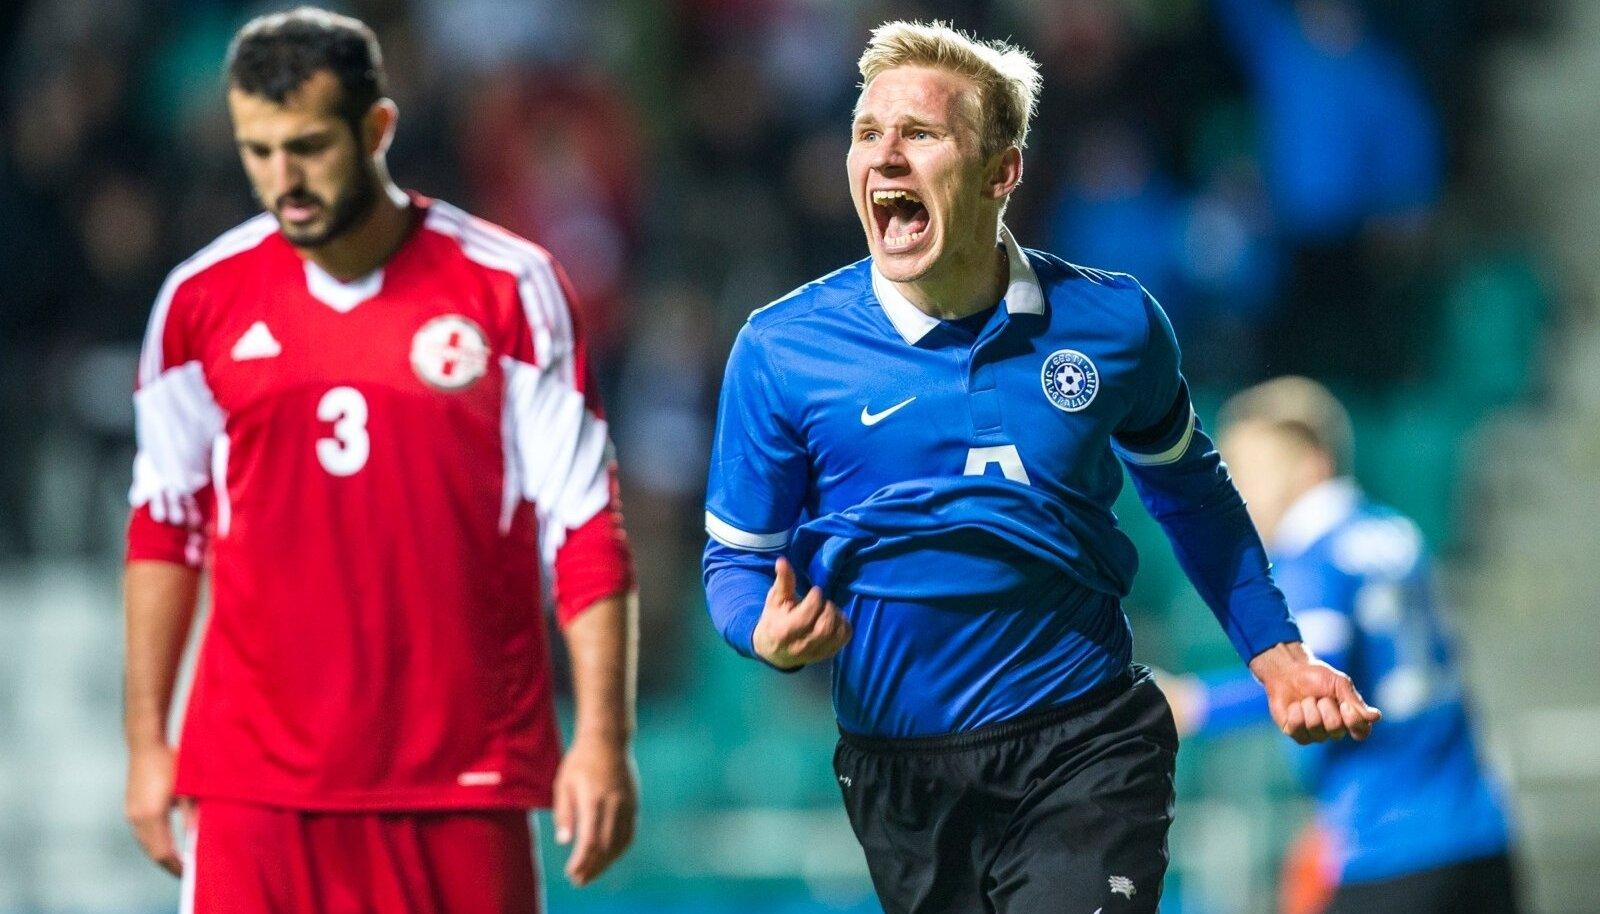 Eesti vs Gruusia mäng, Ats Purje